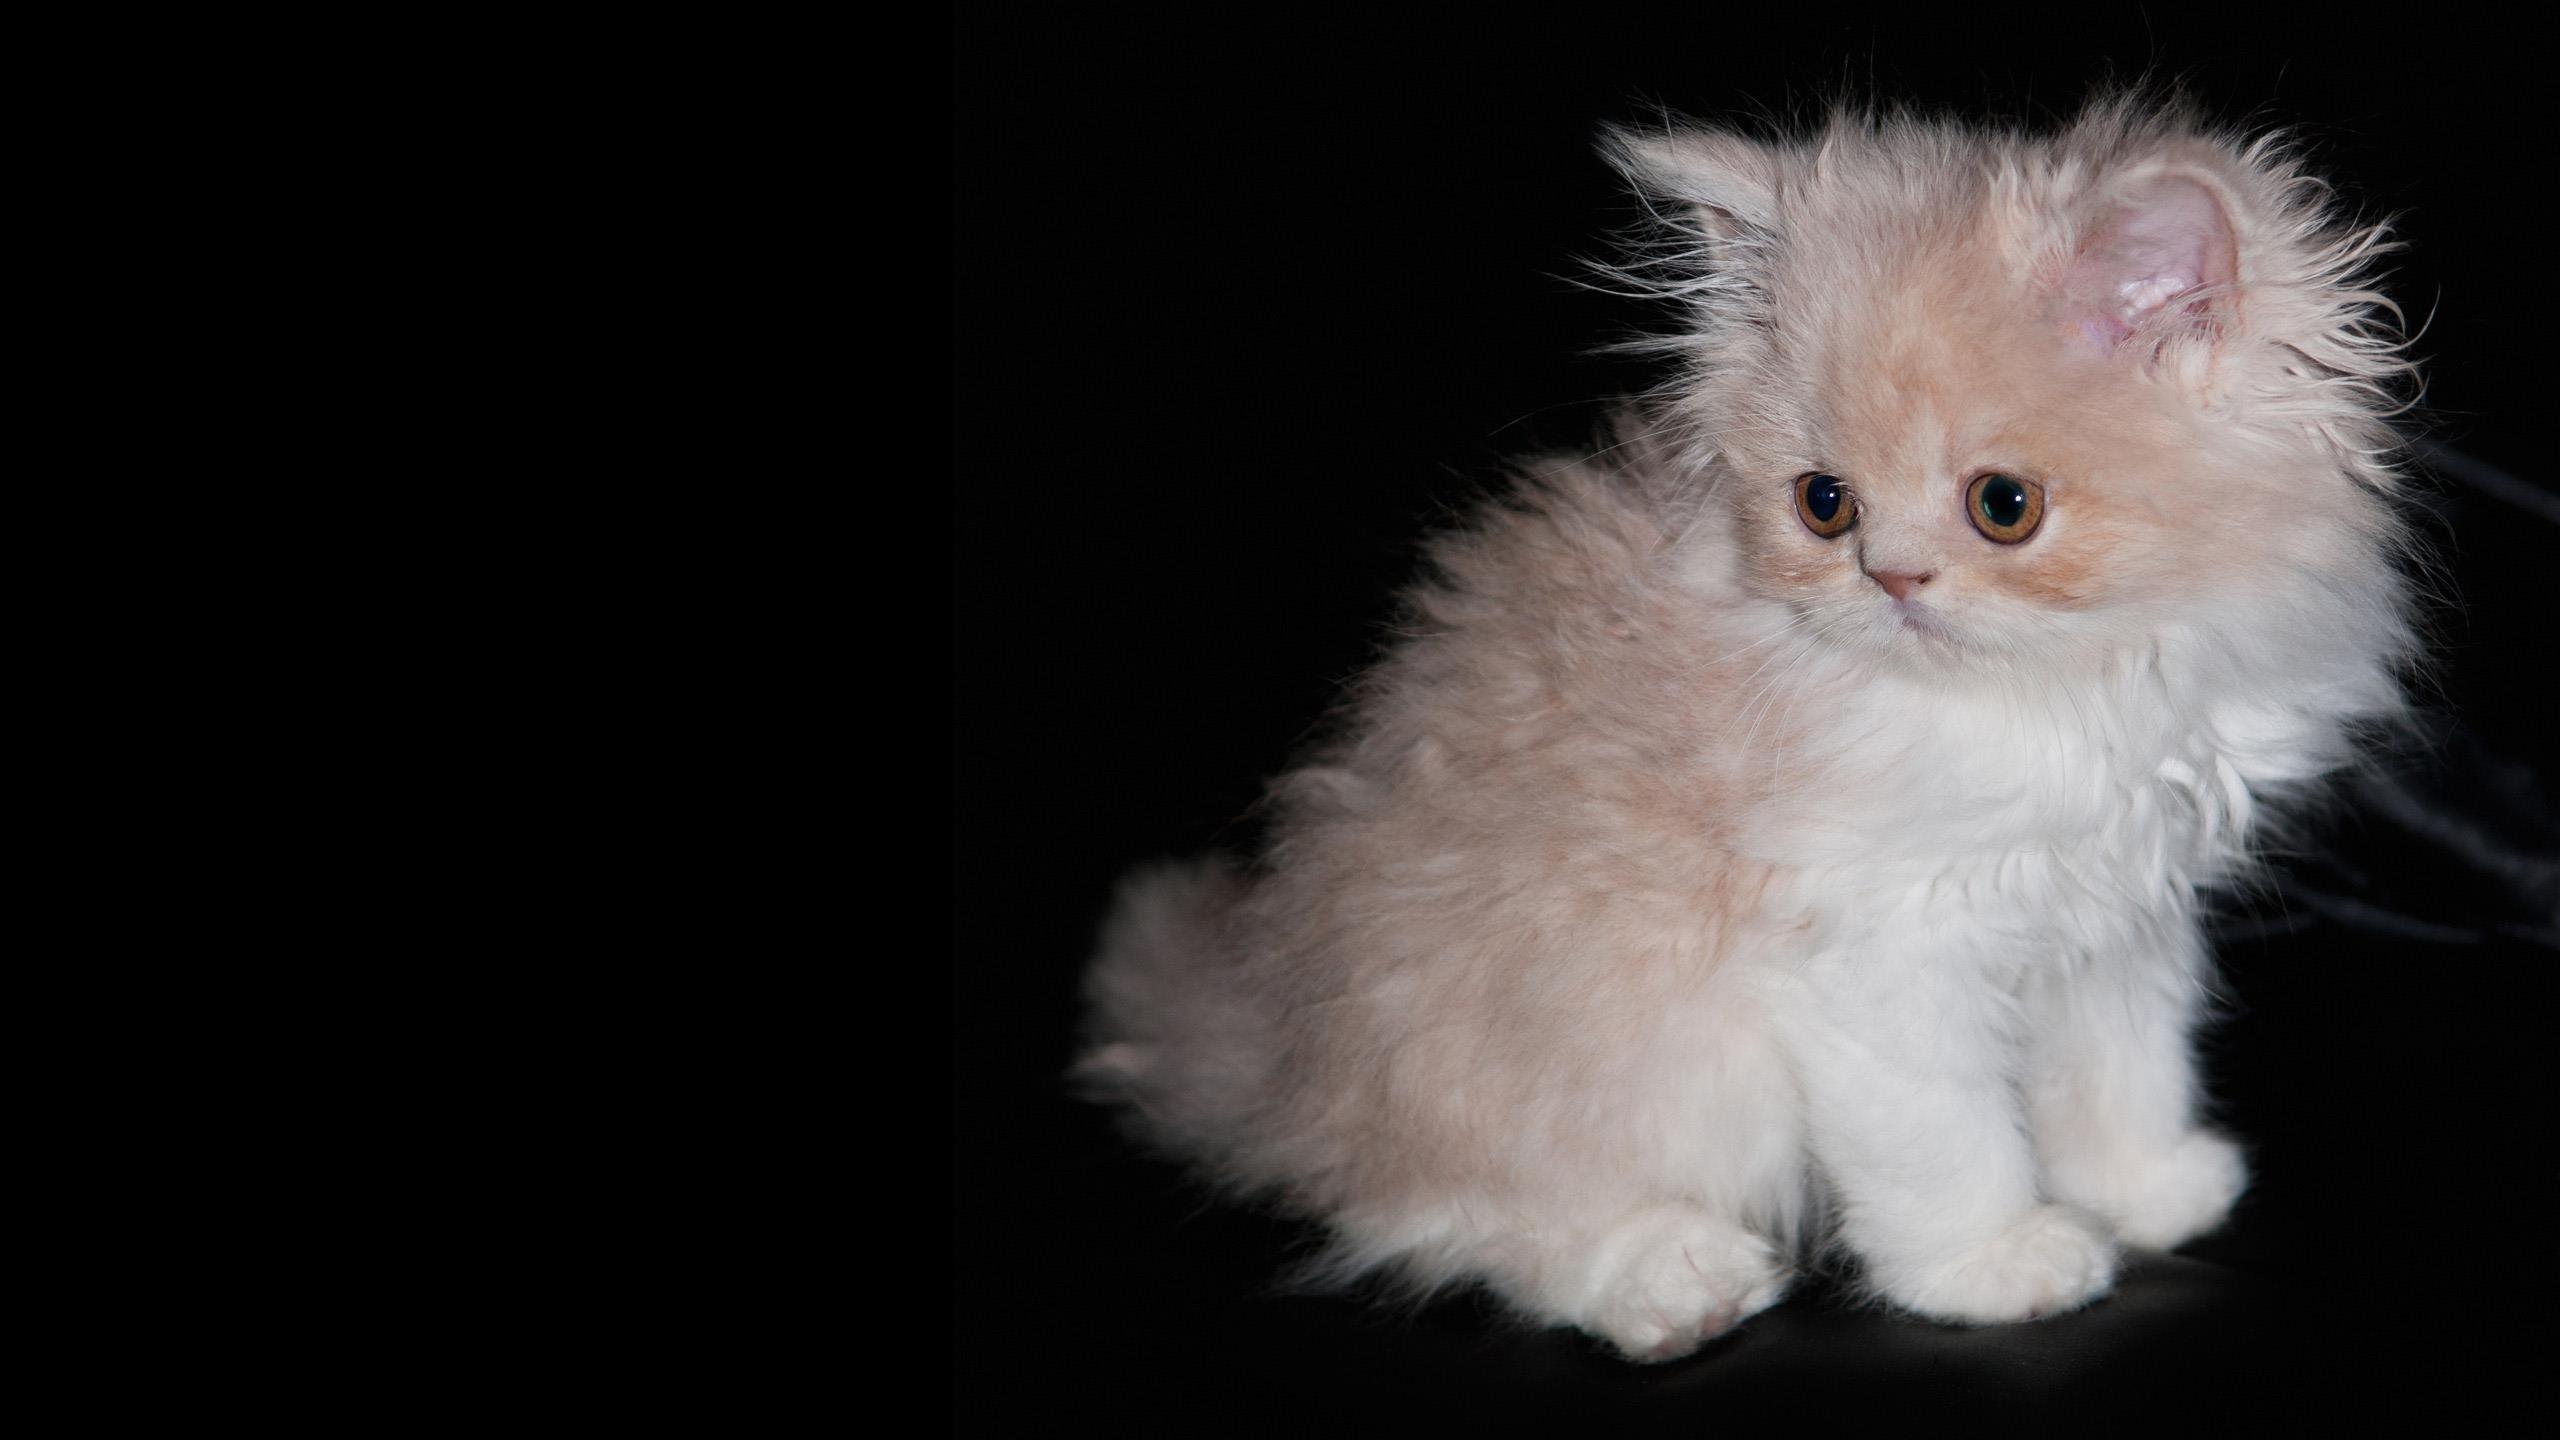 Белый меховой кот котенок на черной ткани милый кот обои скачать